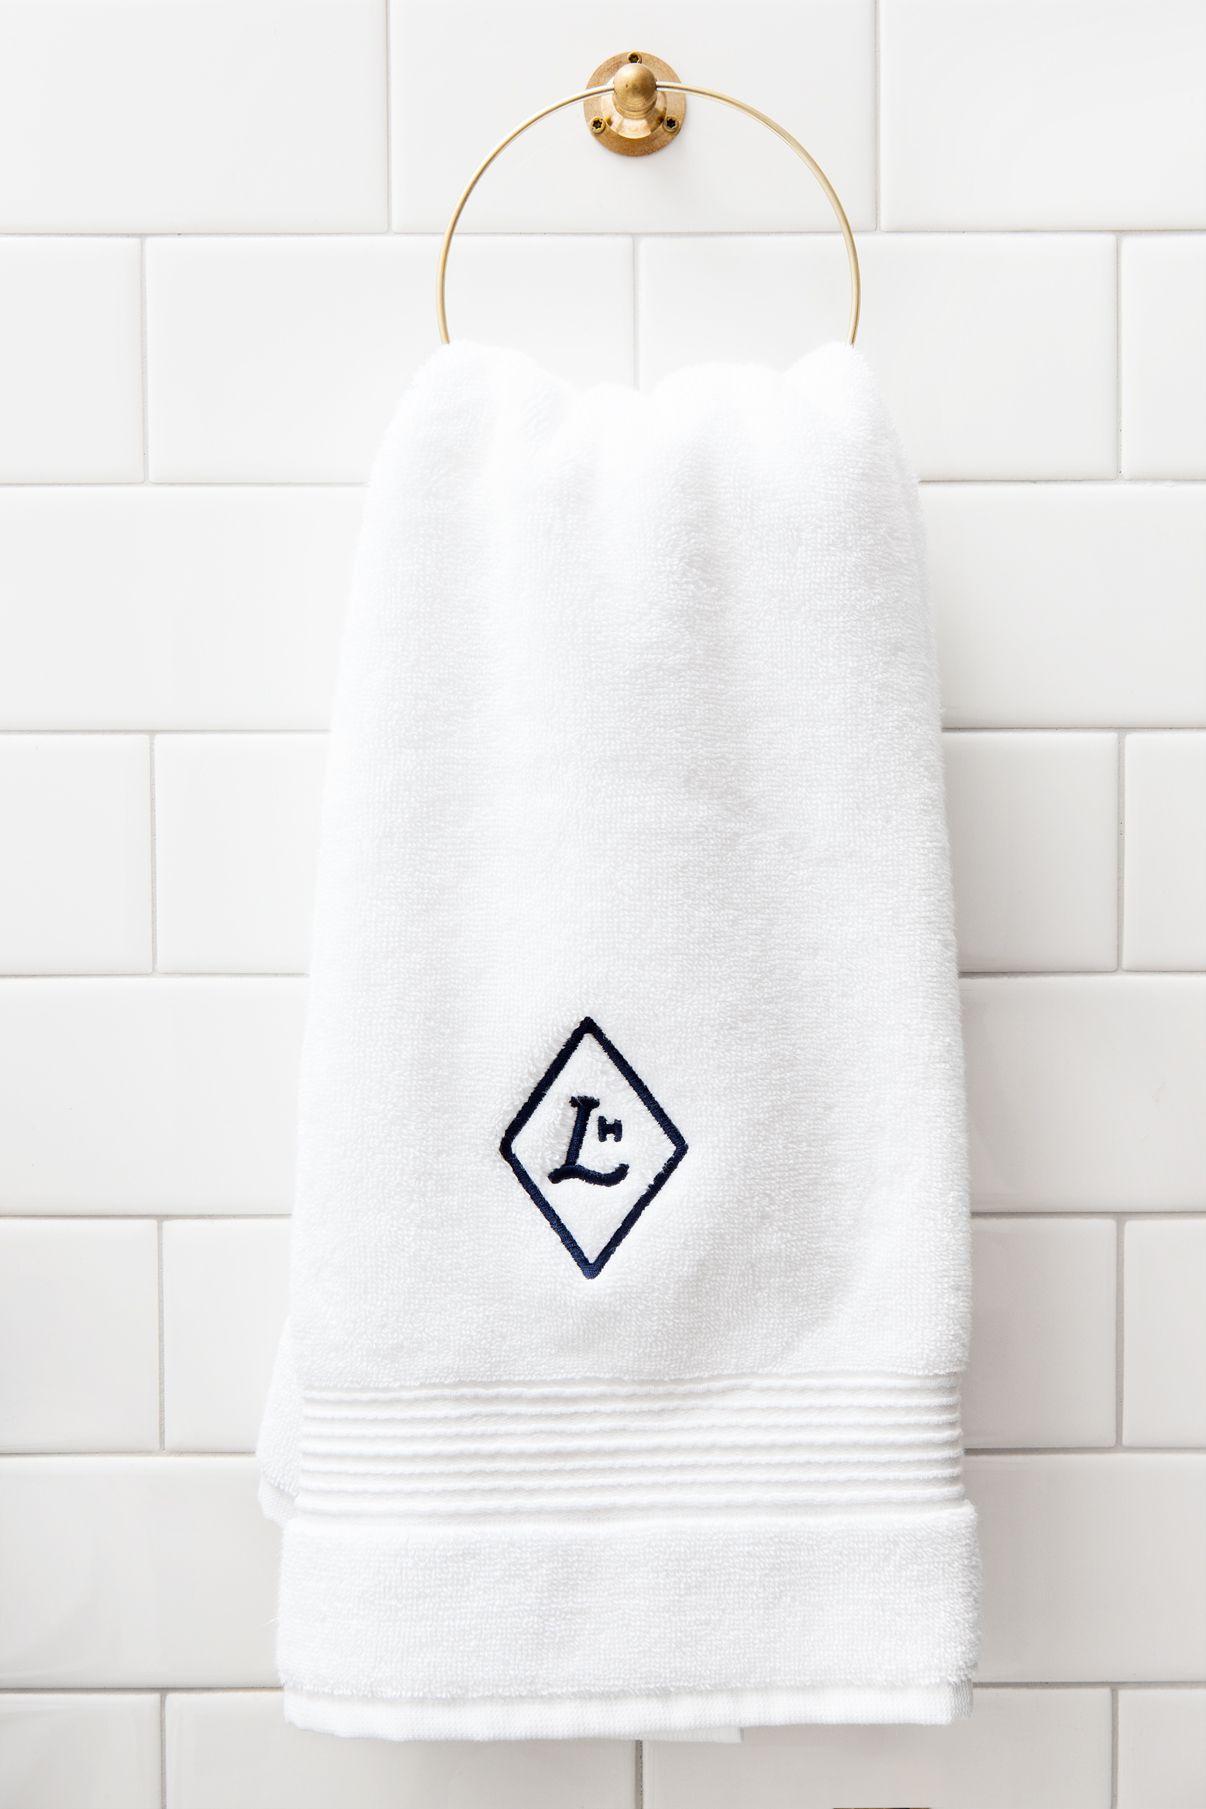 thelokalhoteltowel Hotel towels, Hotel logo, Hotel